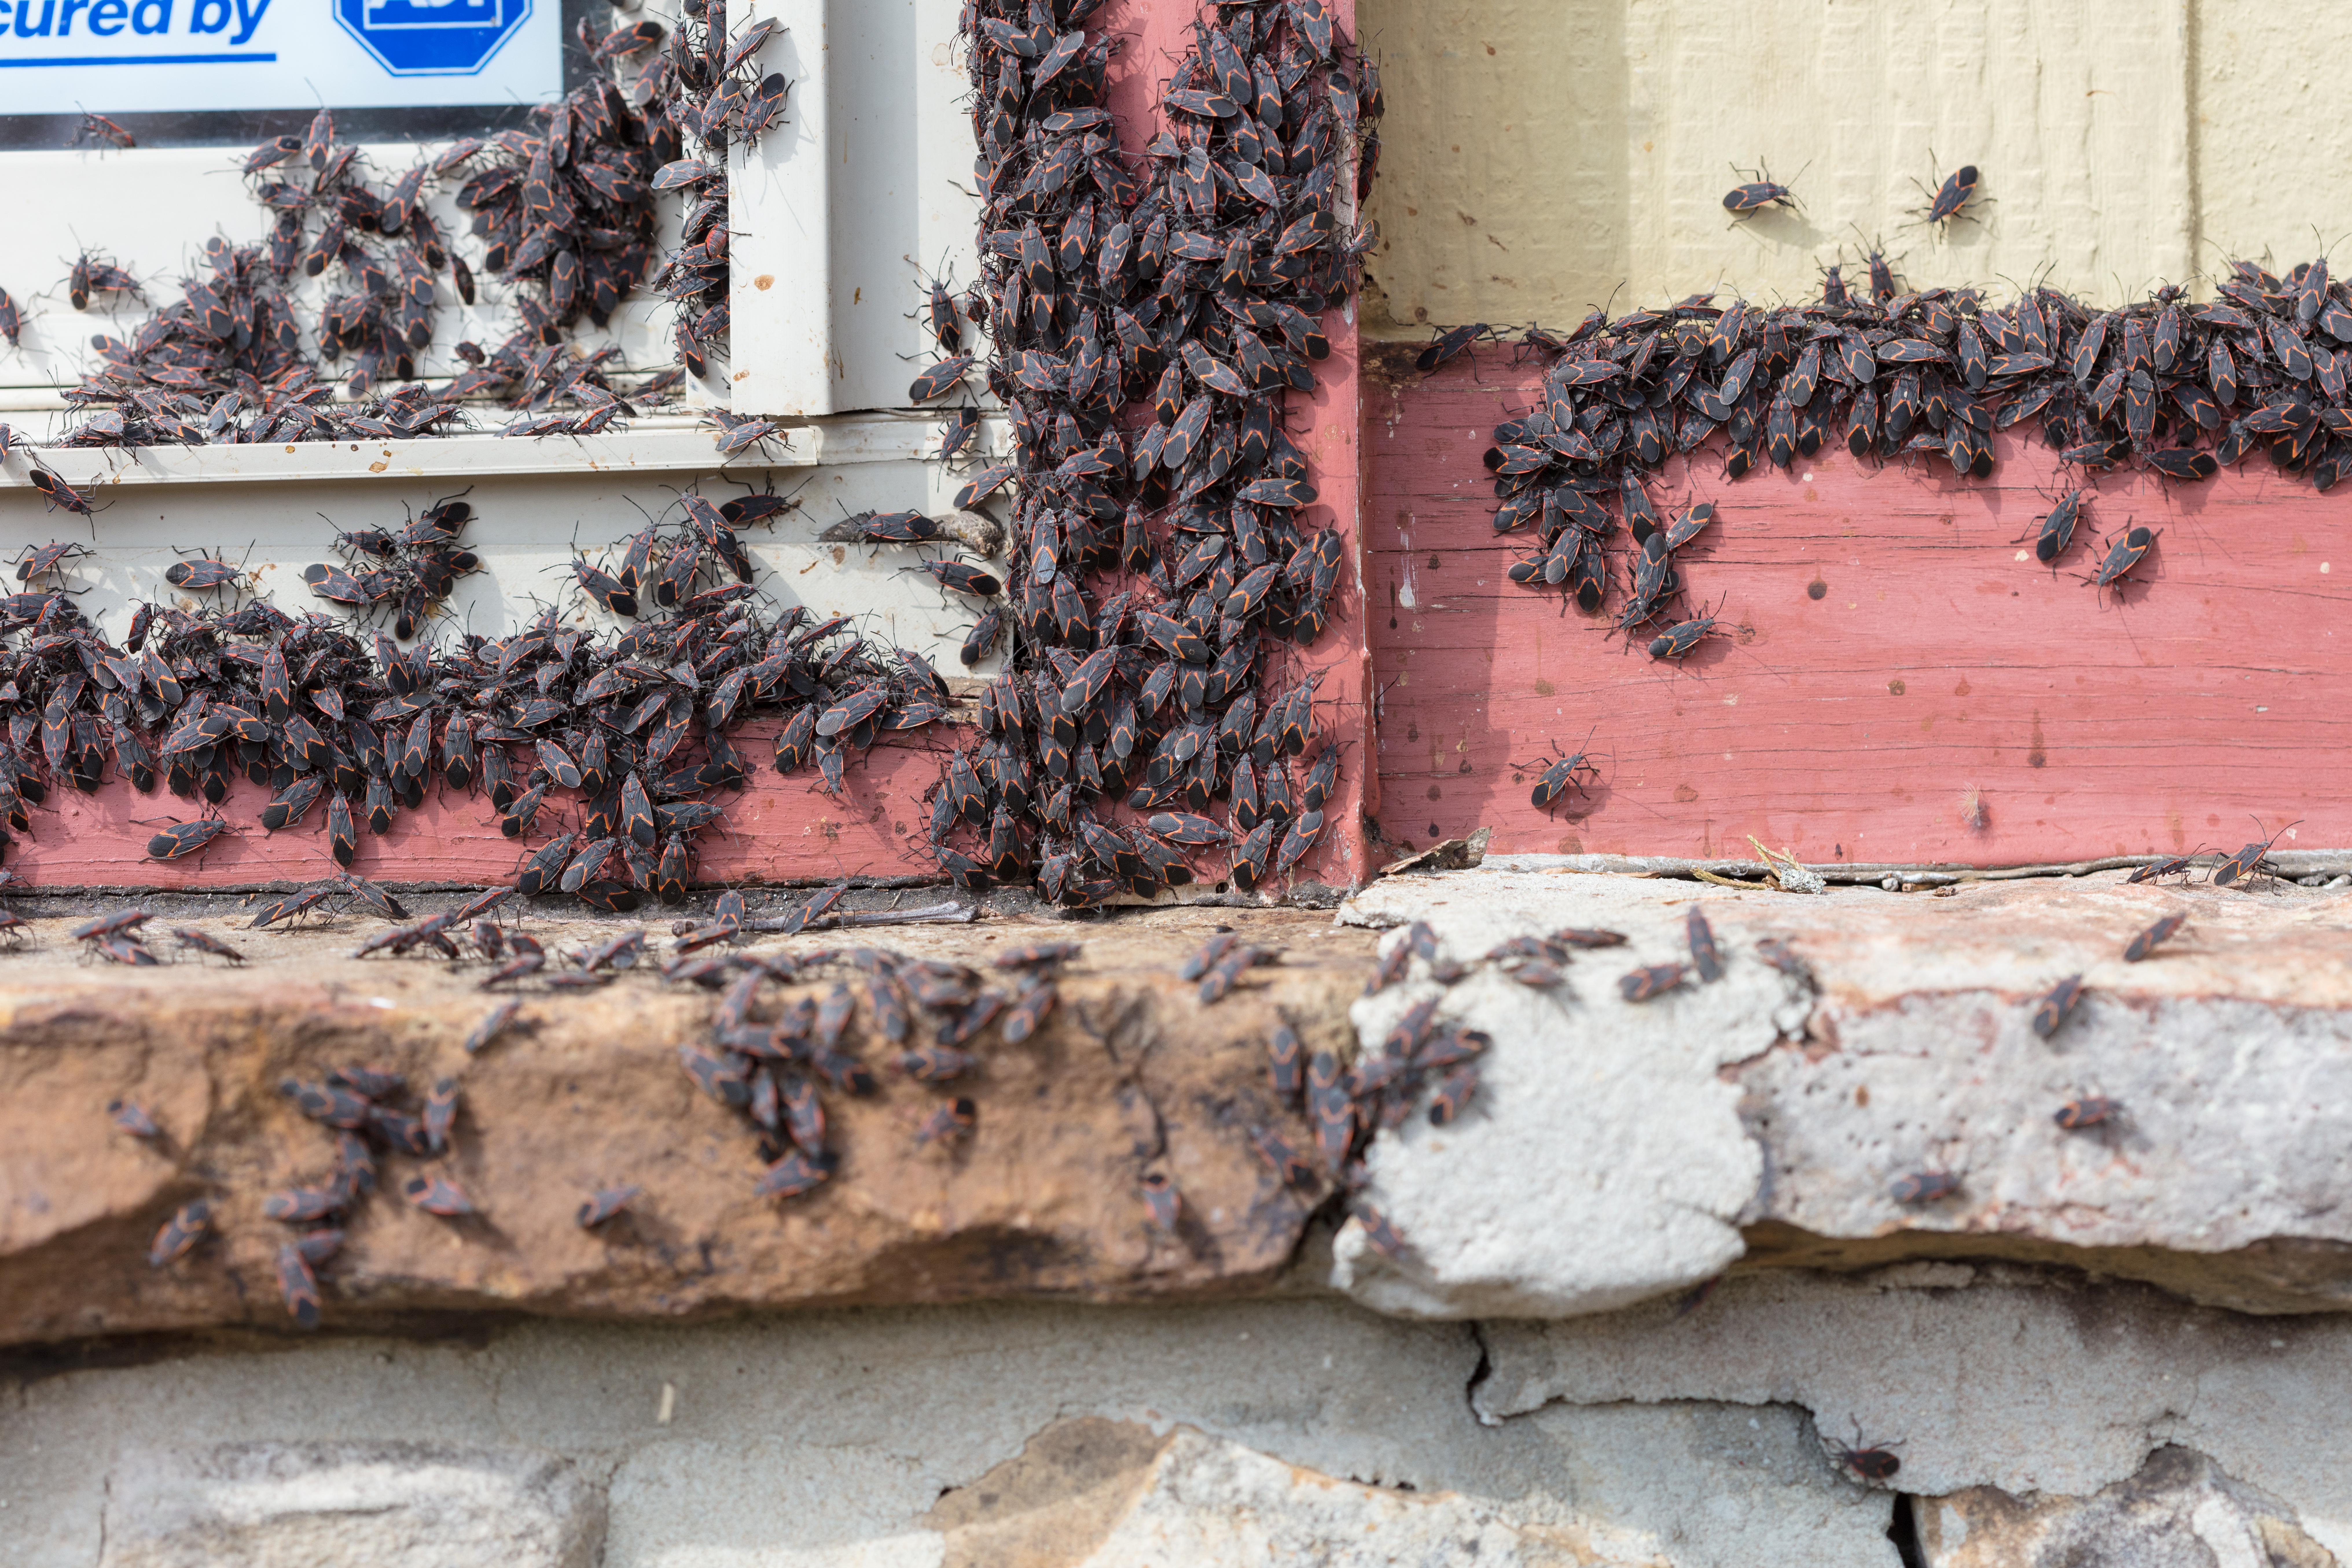 boxelder bug infestation.jpg